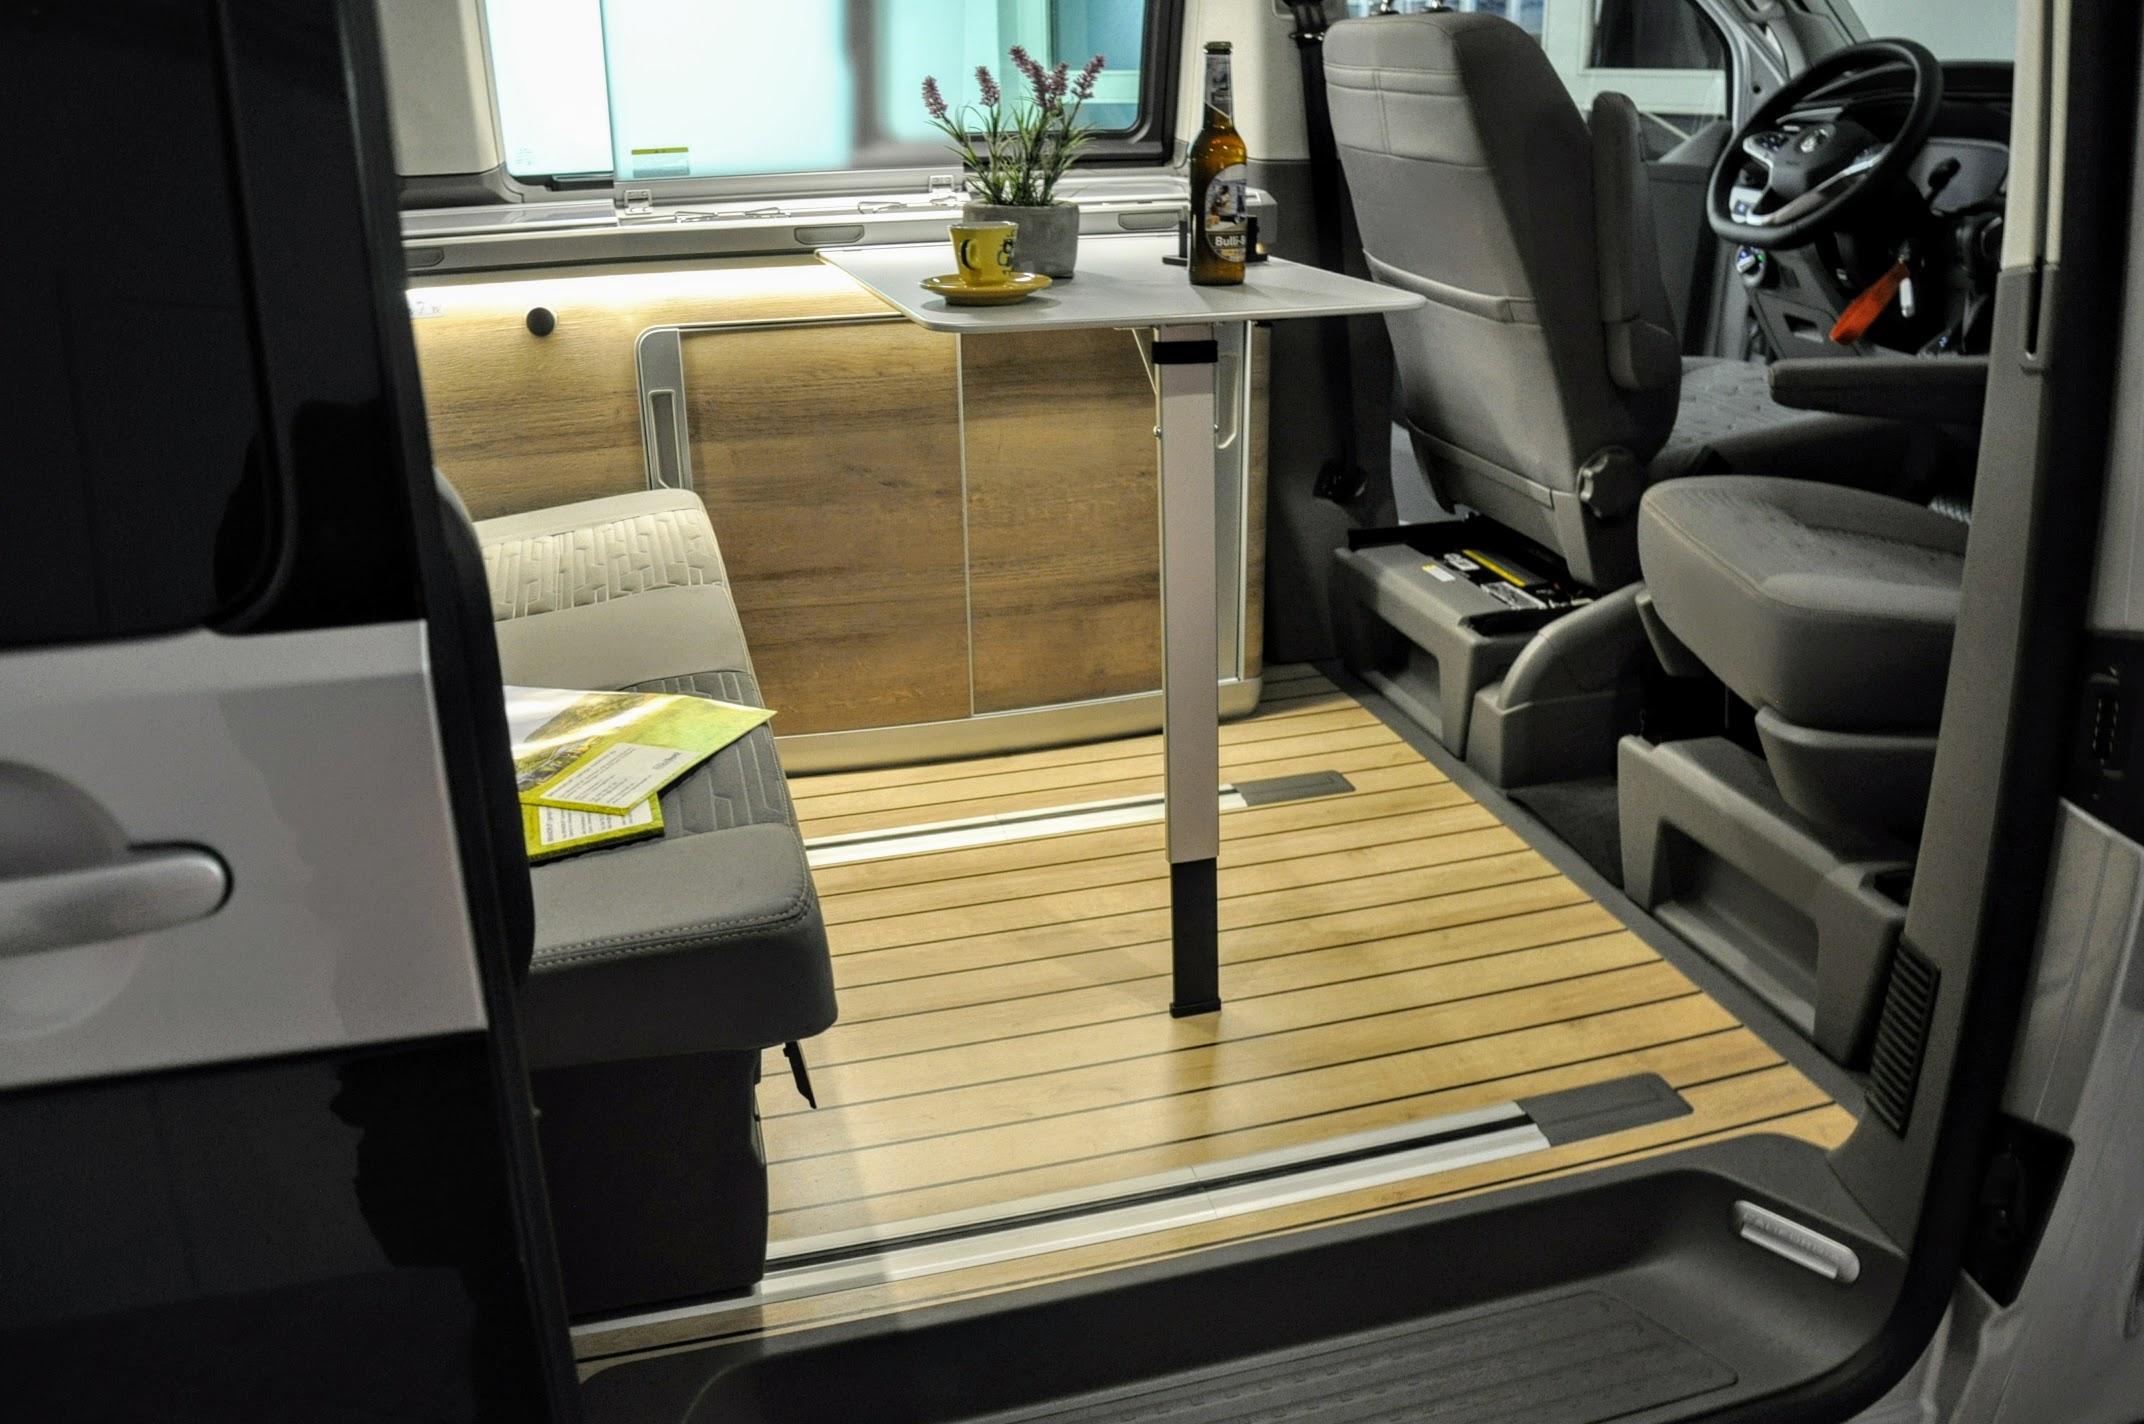 VW T6.1 California garage mobilhotz ag